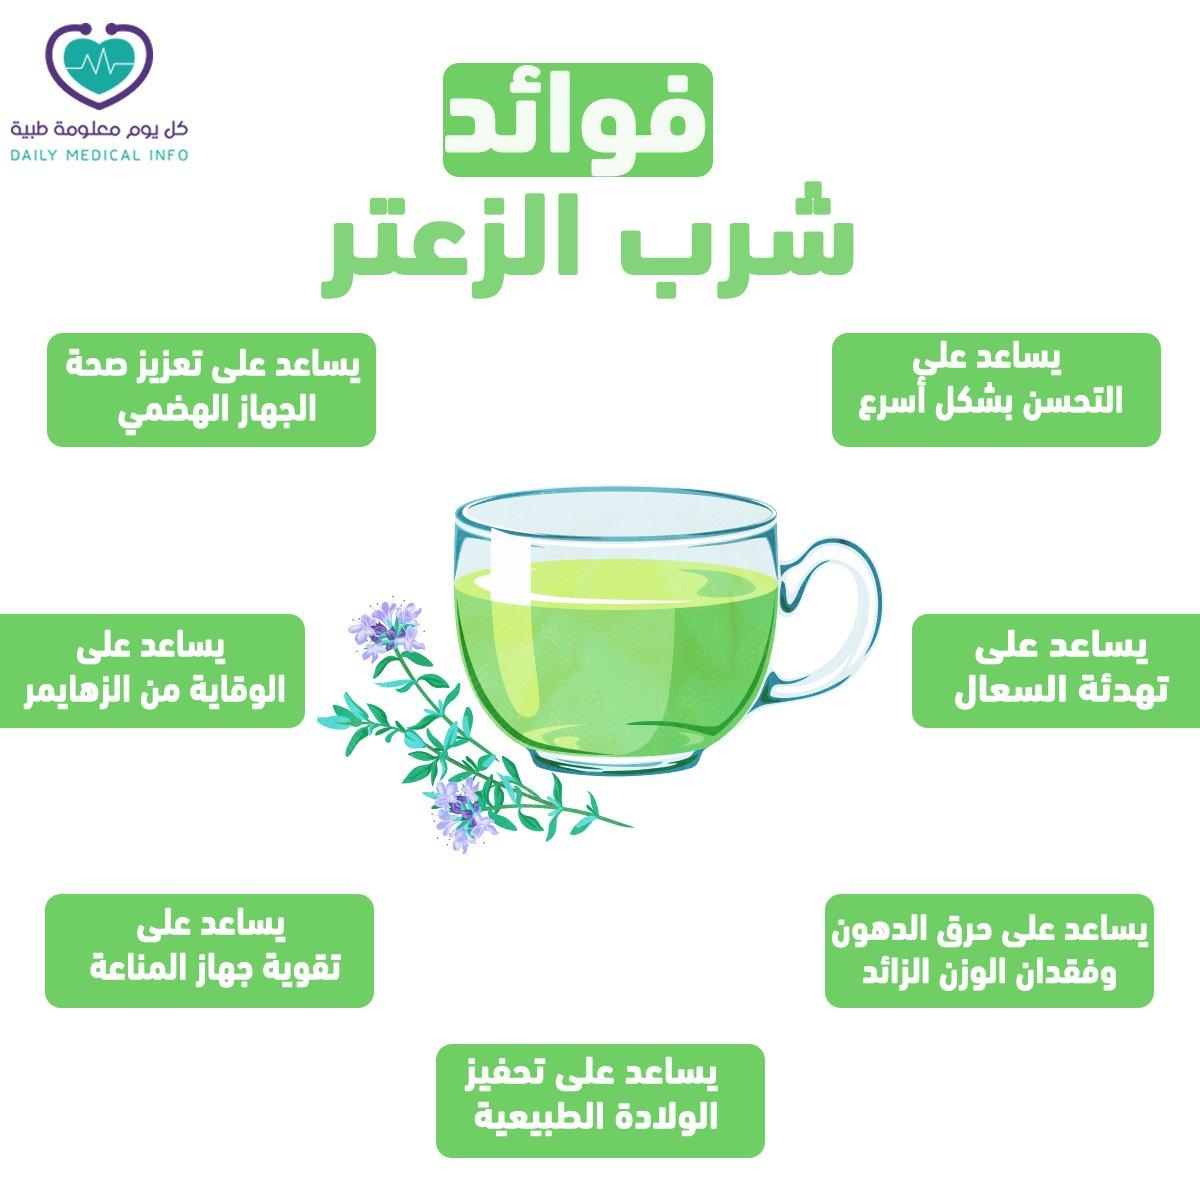 فائدة مشروب الزعتر ،اهمية الزعتر كمشروب لصحتك اجمل حلوات